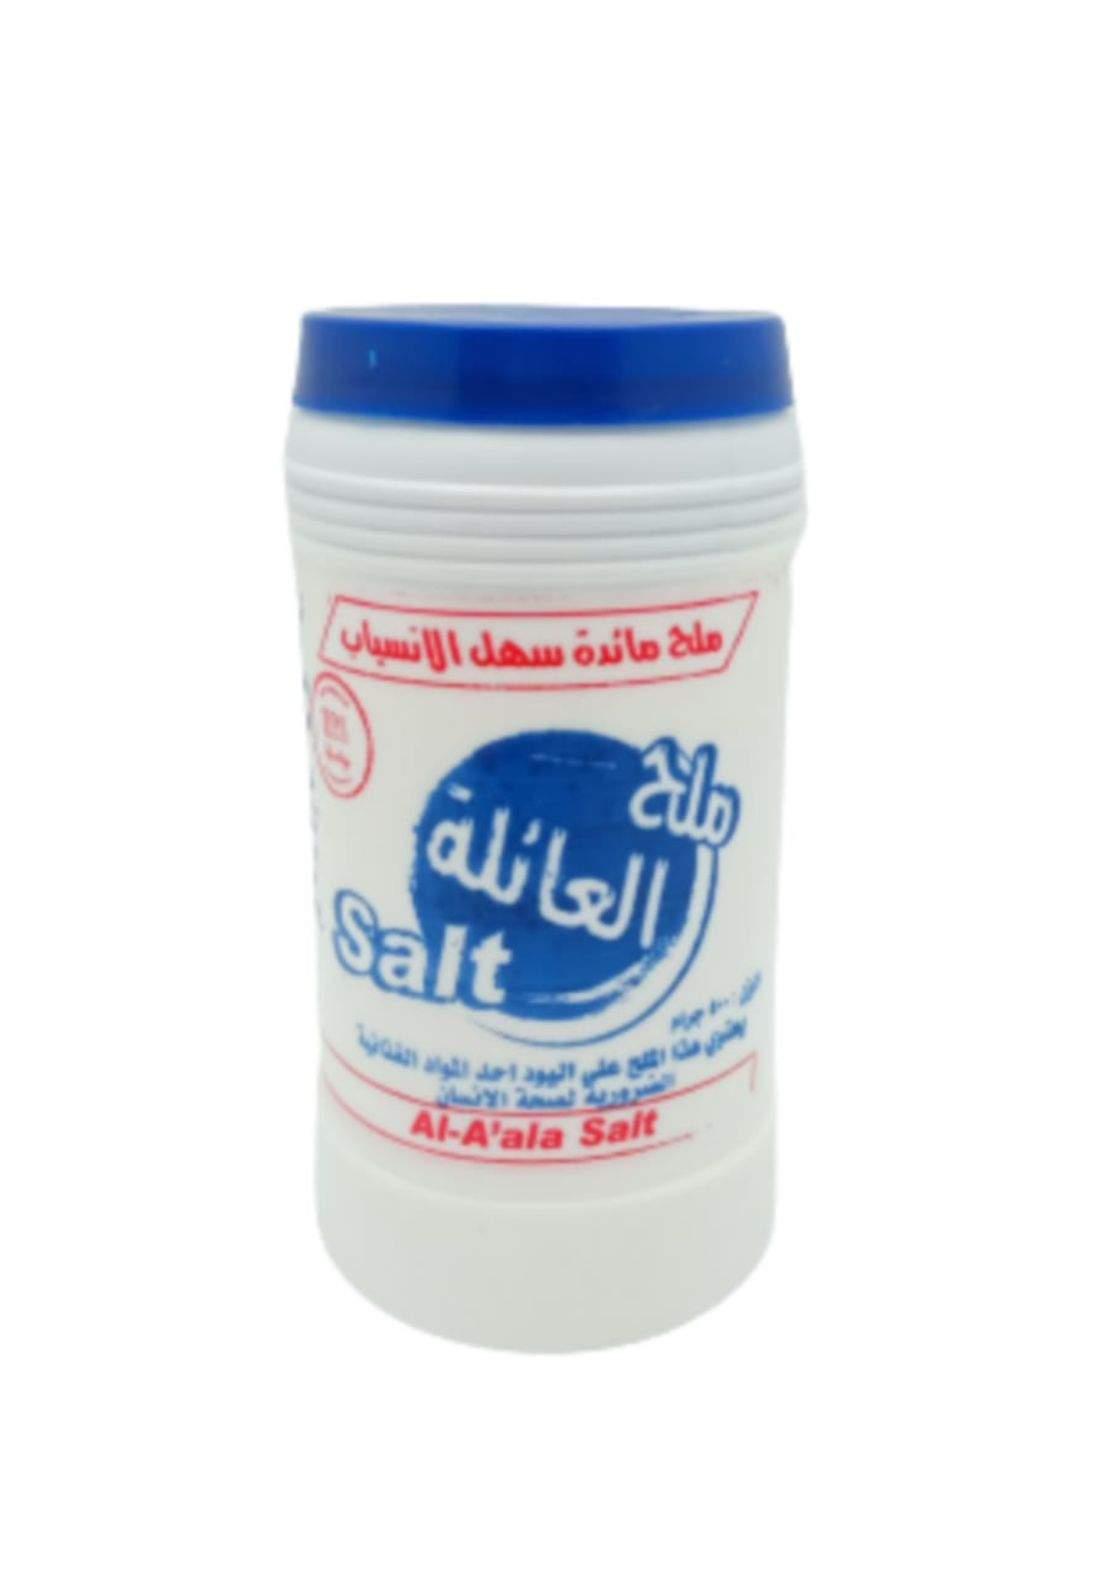 Al-A'ala Salt ملح العائلة 500 غم